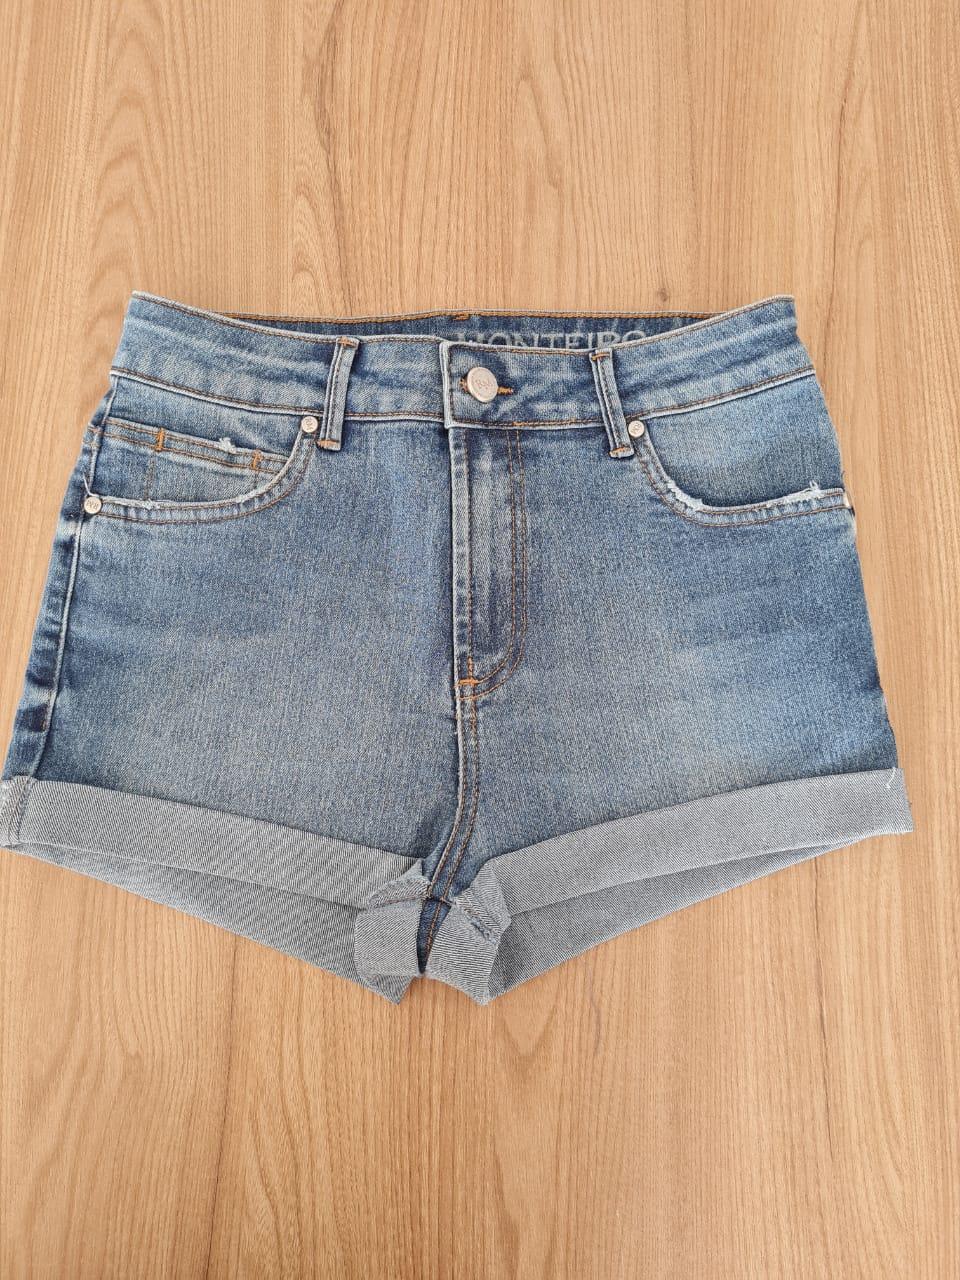 Short Jeans Barra Dobra Celetista